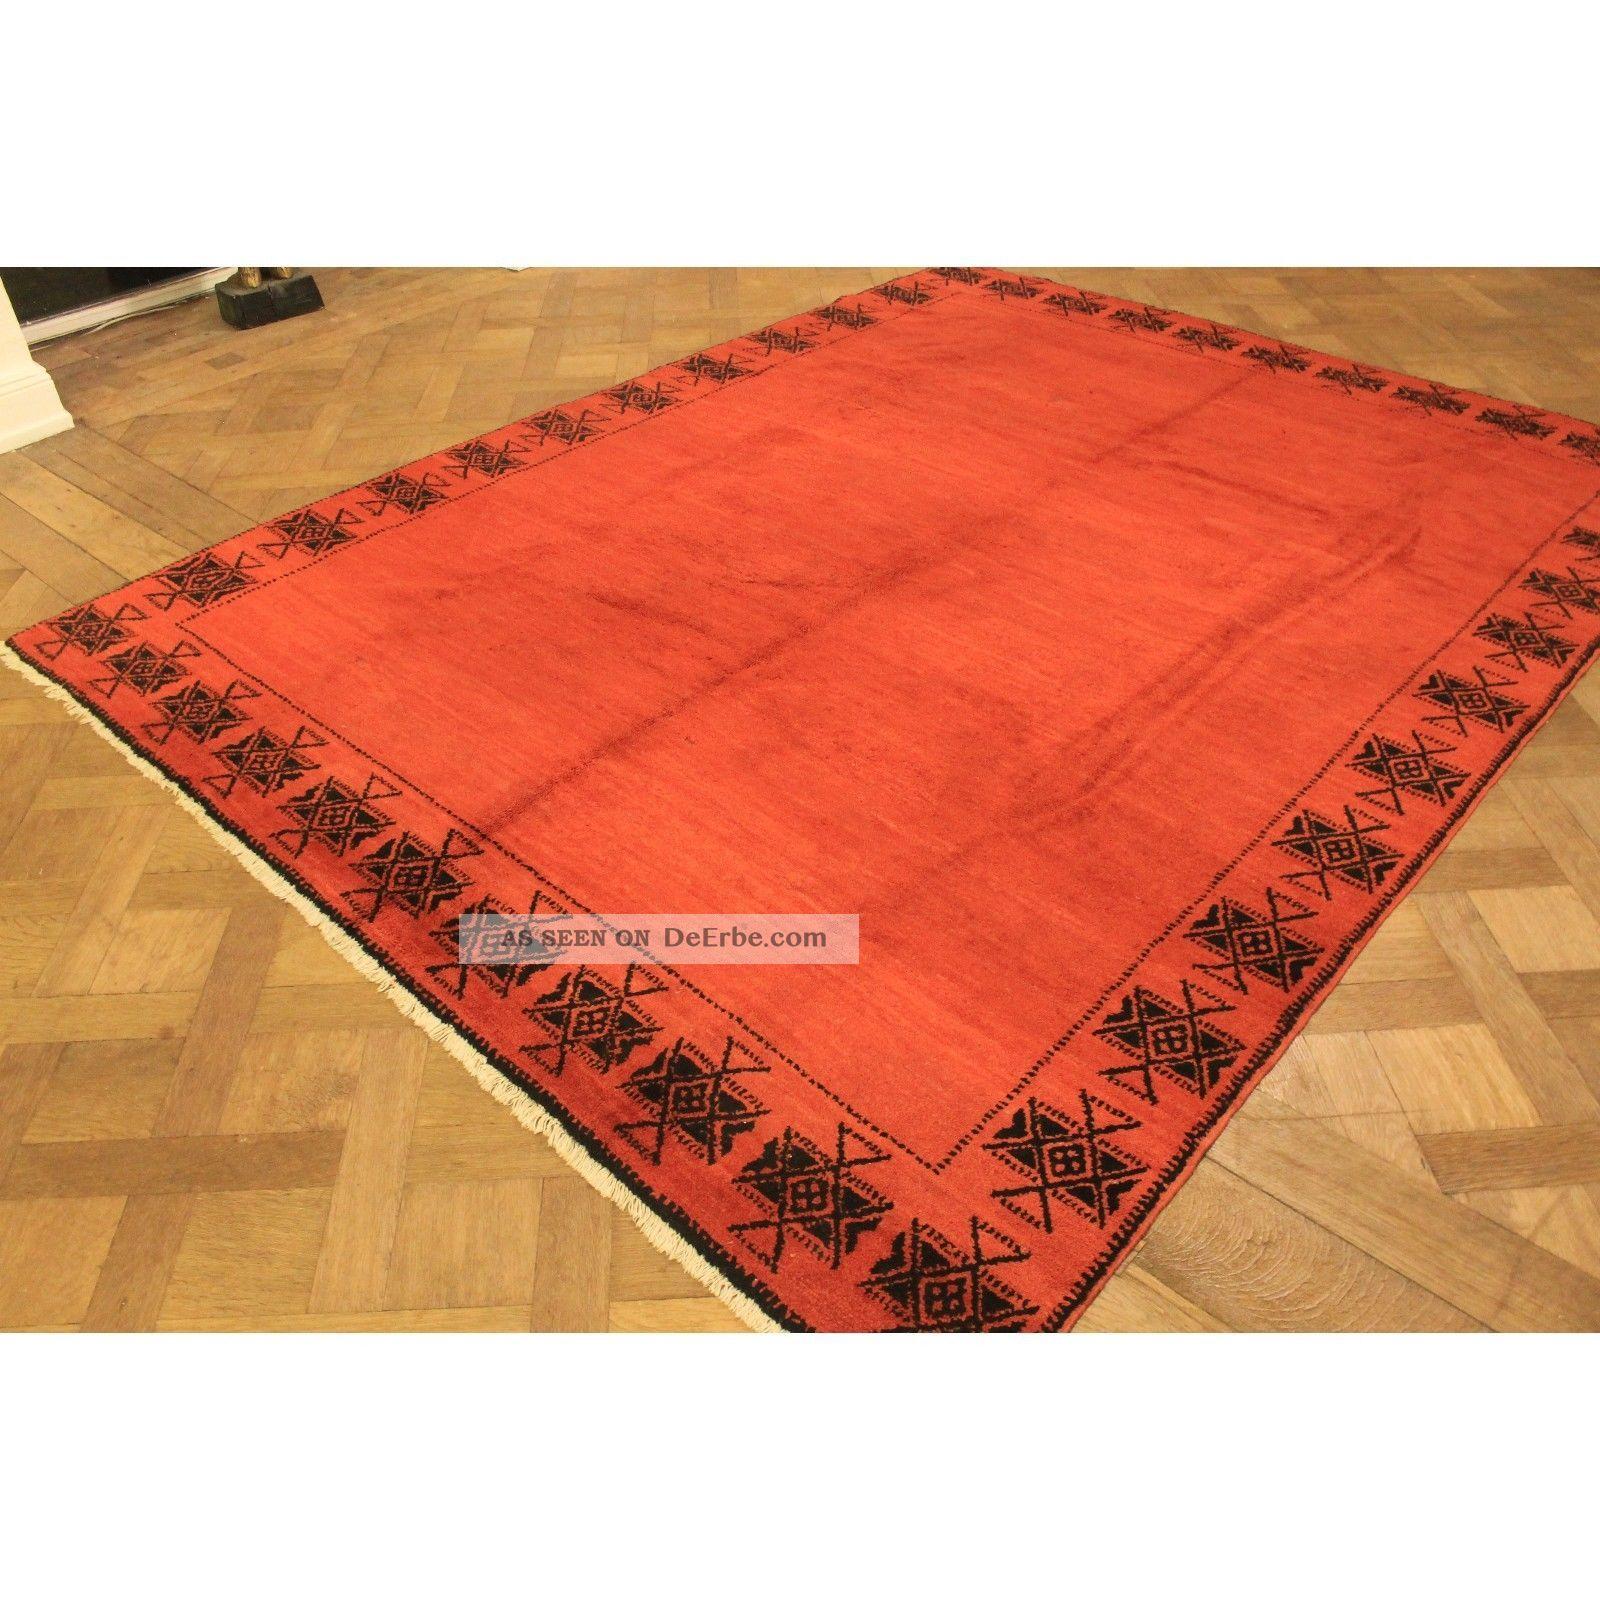 dekorativer handgekn pfter 70er jahre designer teppich berber tappeto 220x290cm. Black Bedroom Furniture Sets. Home Design Ideas